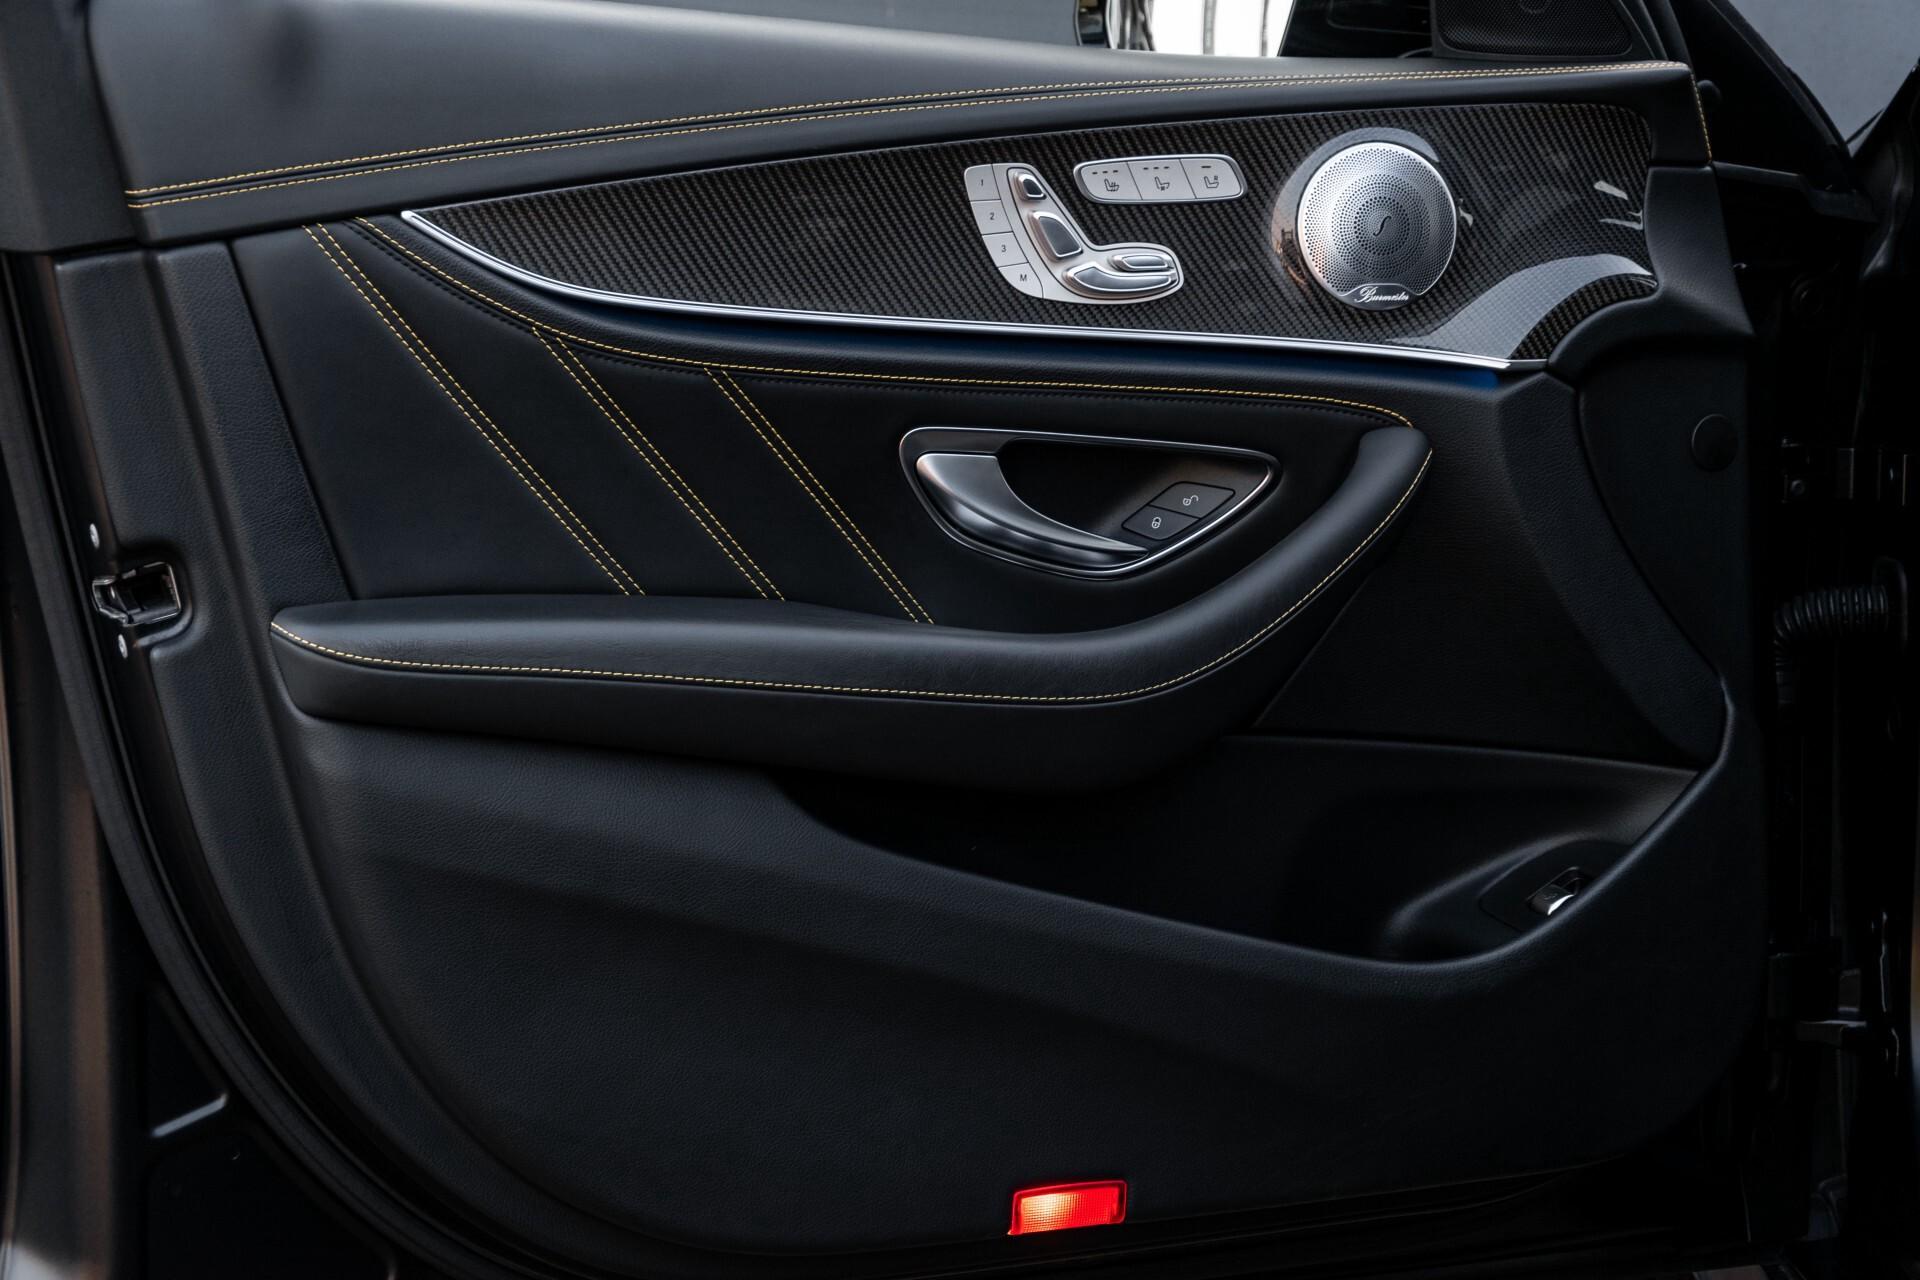 Mercedes-Benz E-Klasse 63 S AMG 4-Matic+ Edition 1 Matzwart/Carbon/Full Options Aut9 Foto 18